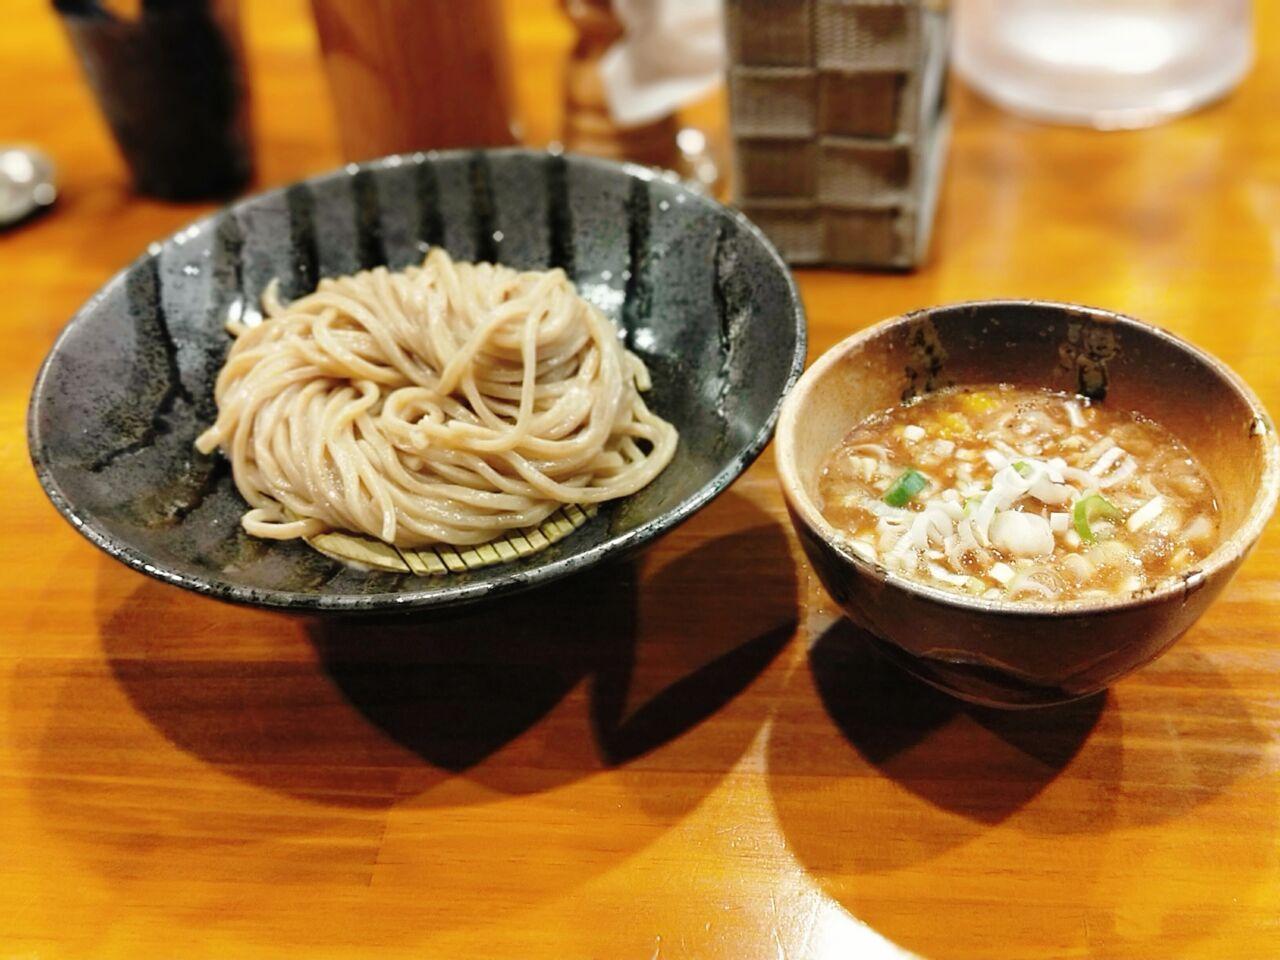 つけ麺 井出 本店(北浜駅・つけ麺、ラーメン)